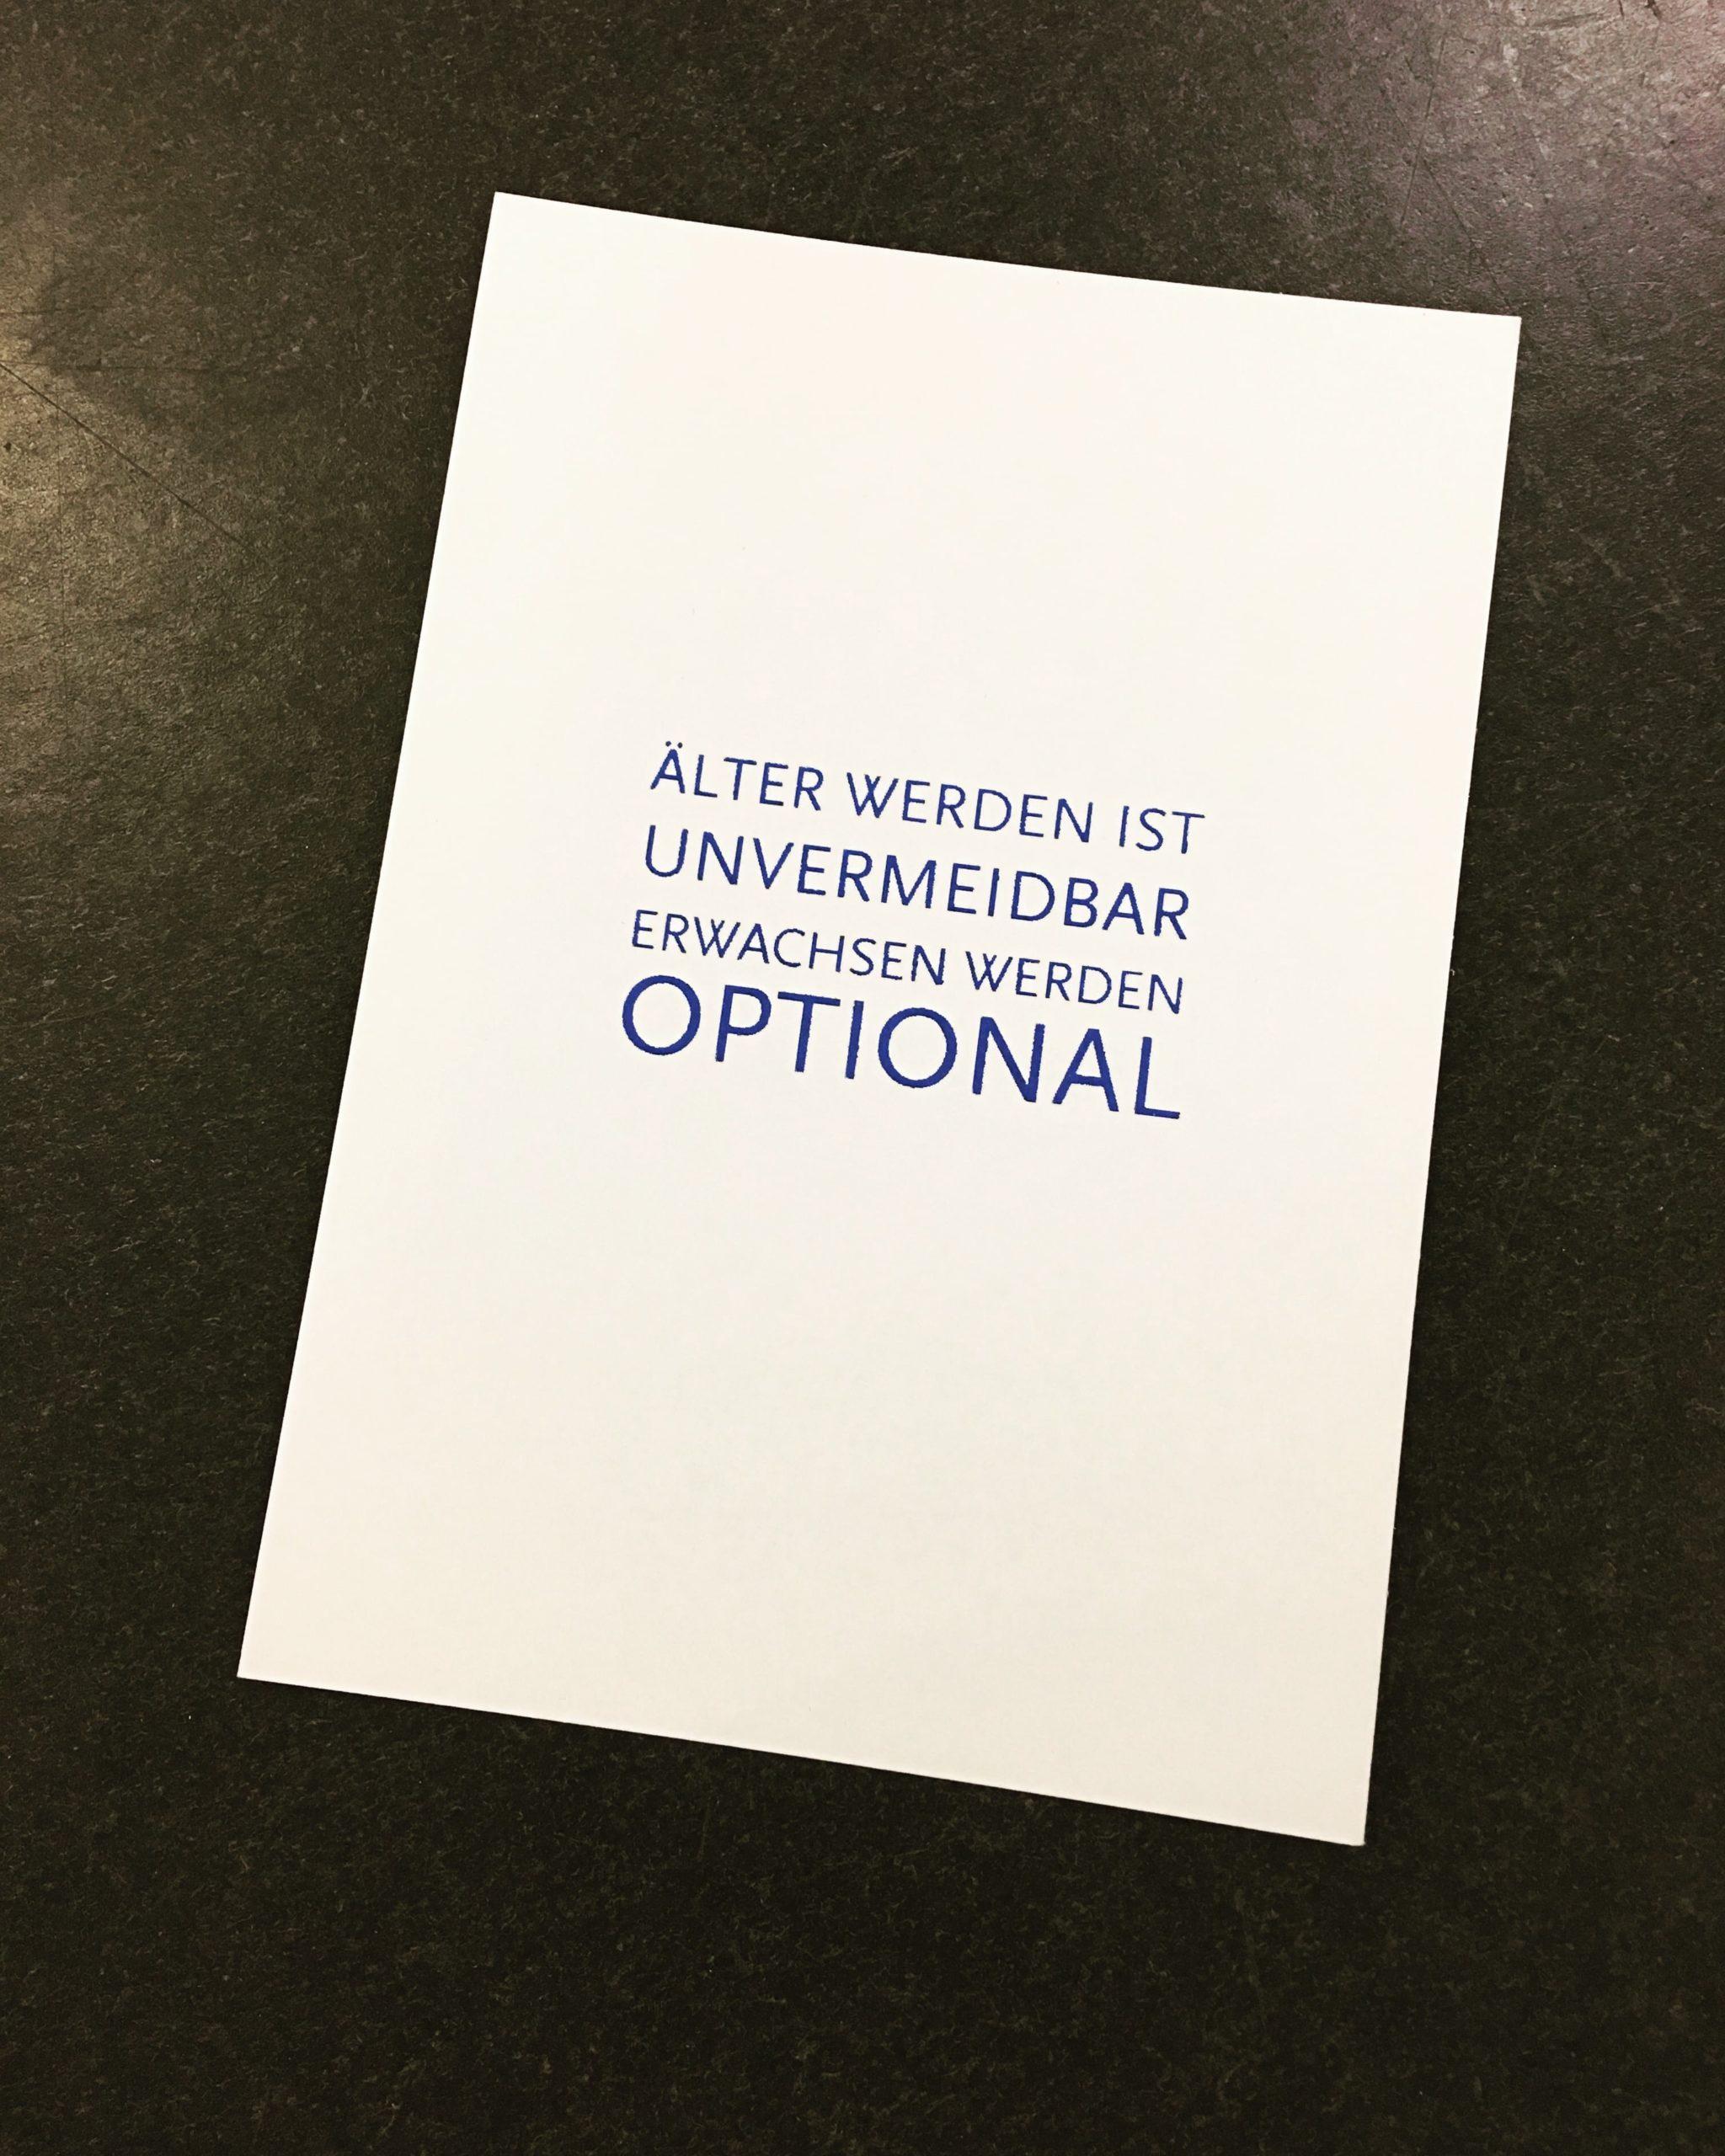 Erwachsen werden ist optional